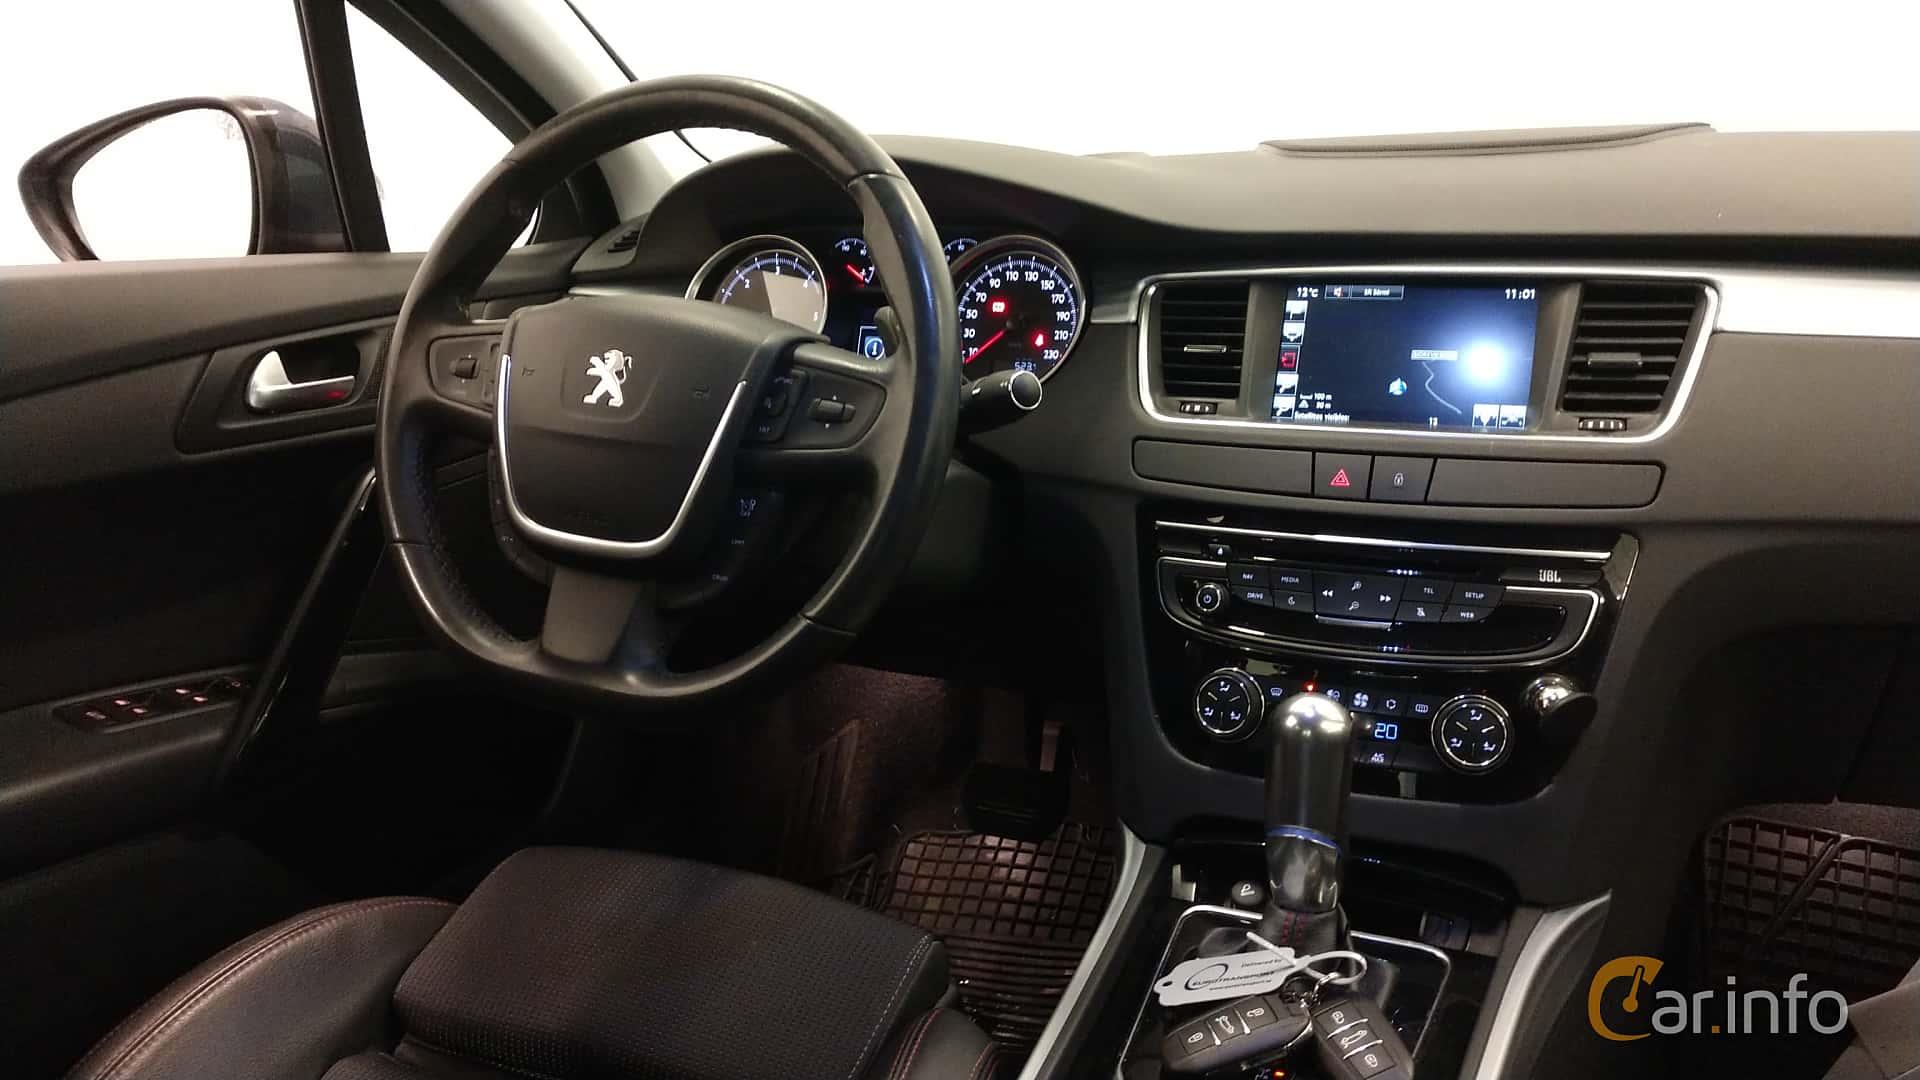 Peugeot 508 2.2 HDi FAP EAT, 204hk, 2015